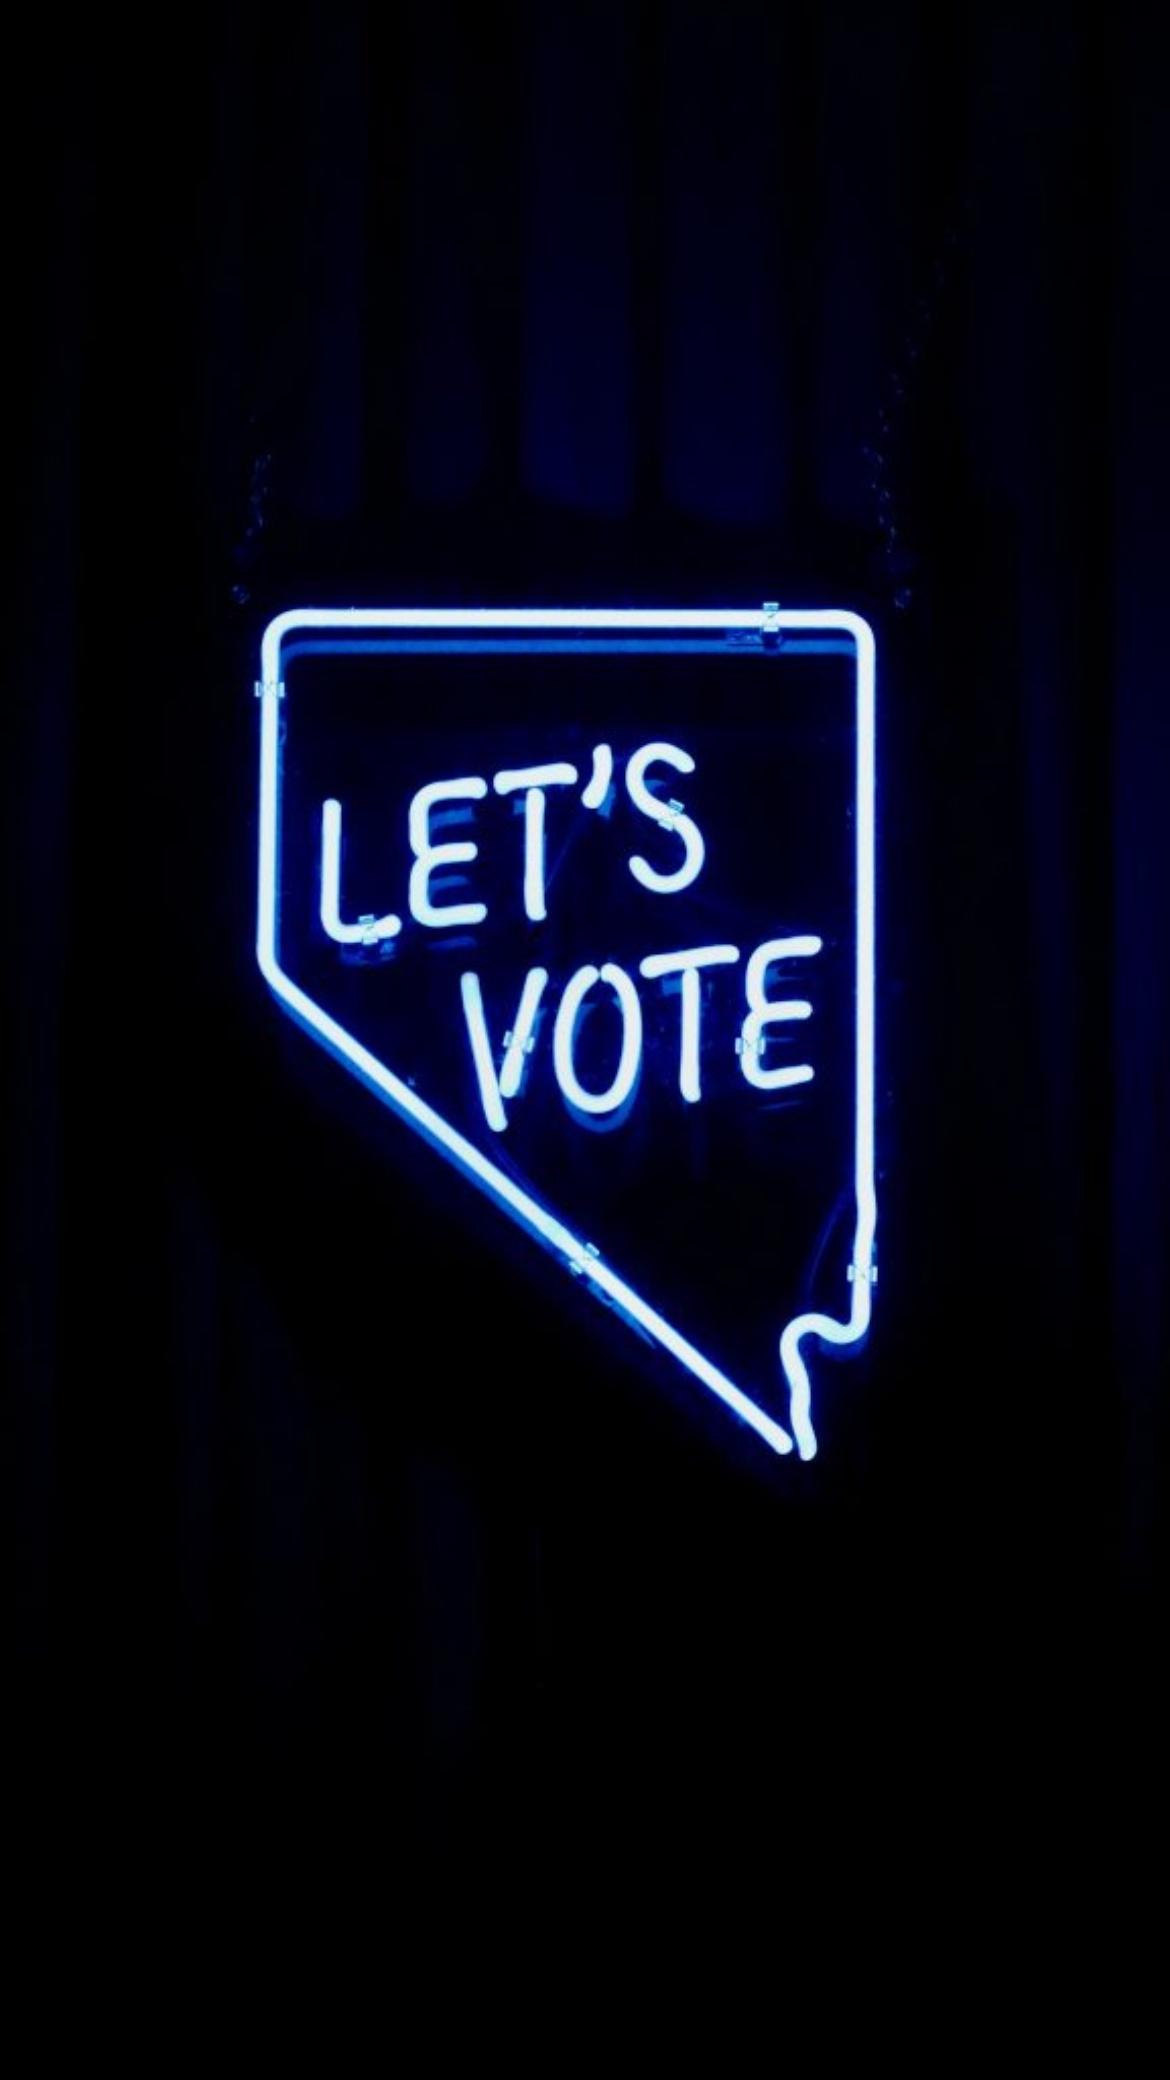 """Symbolbild mit dem Schriftzug """"Let's vote""""."""